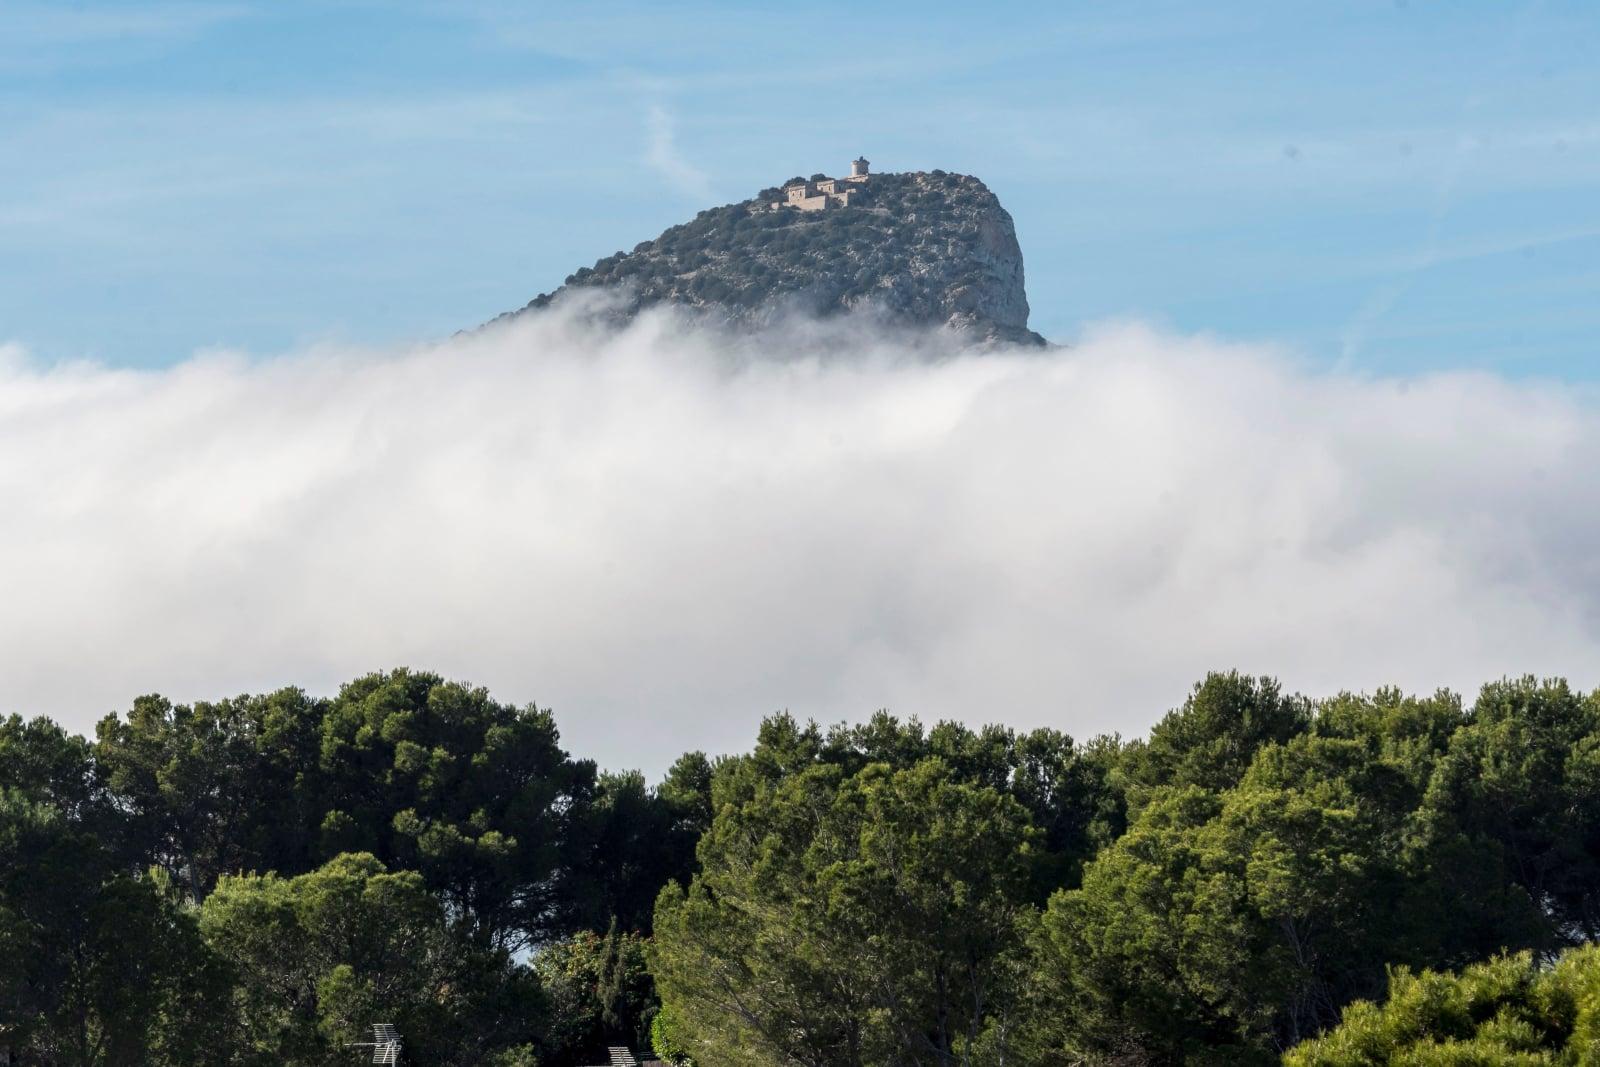 Mgła zakrywa Majorkę, hiszpańską wyspę w archipelagu Balearów. Fot. PAP/EPA/CATI CLADERA